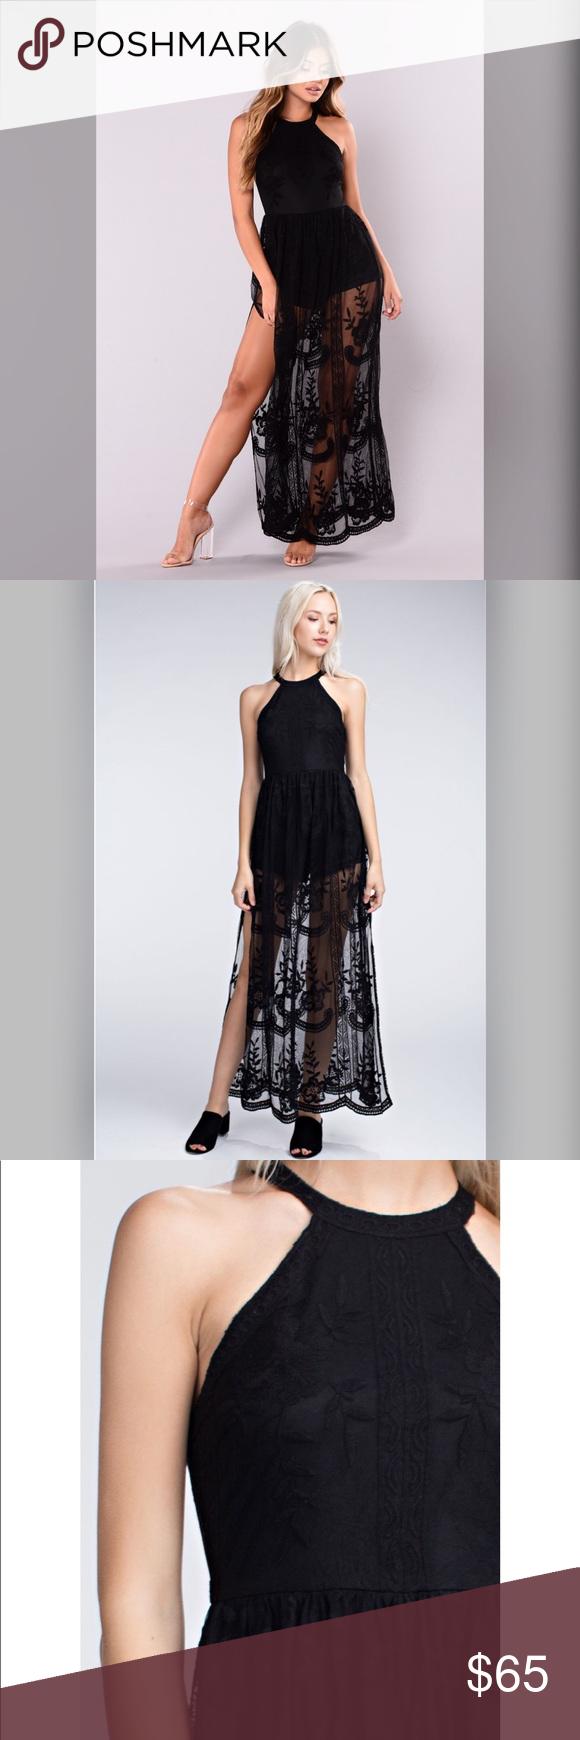 Prime time lace maxi dress boutique